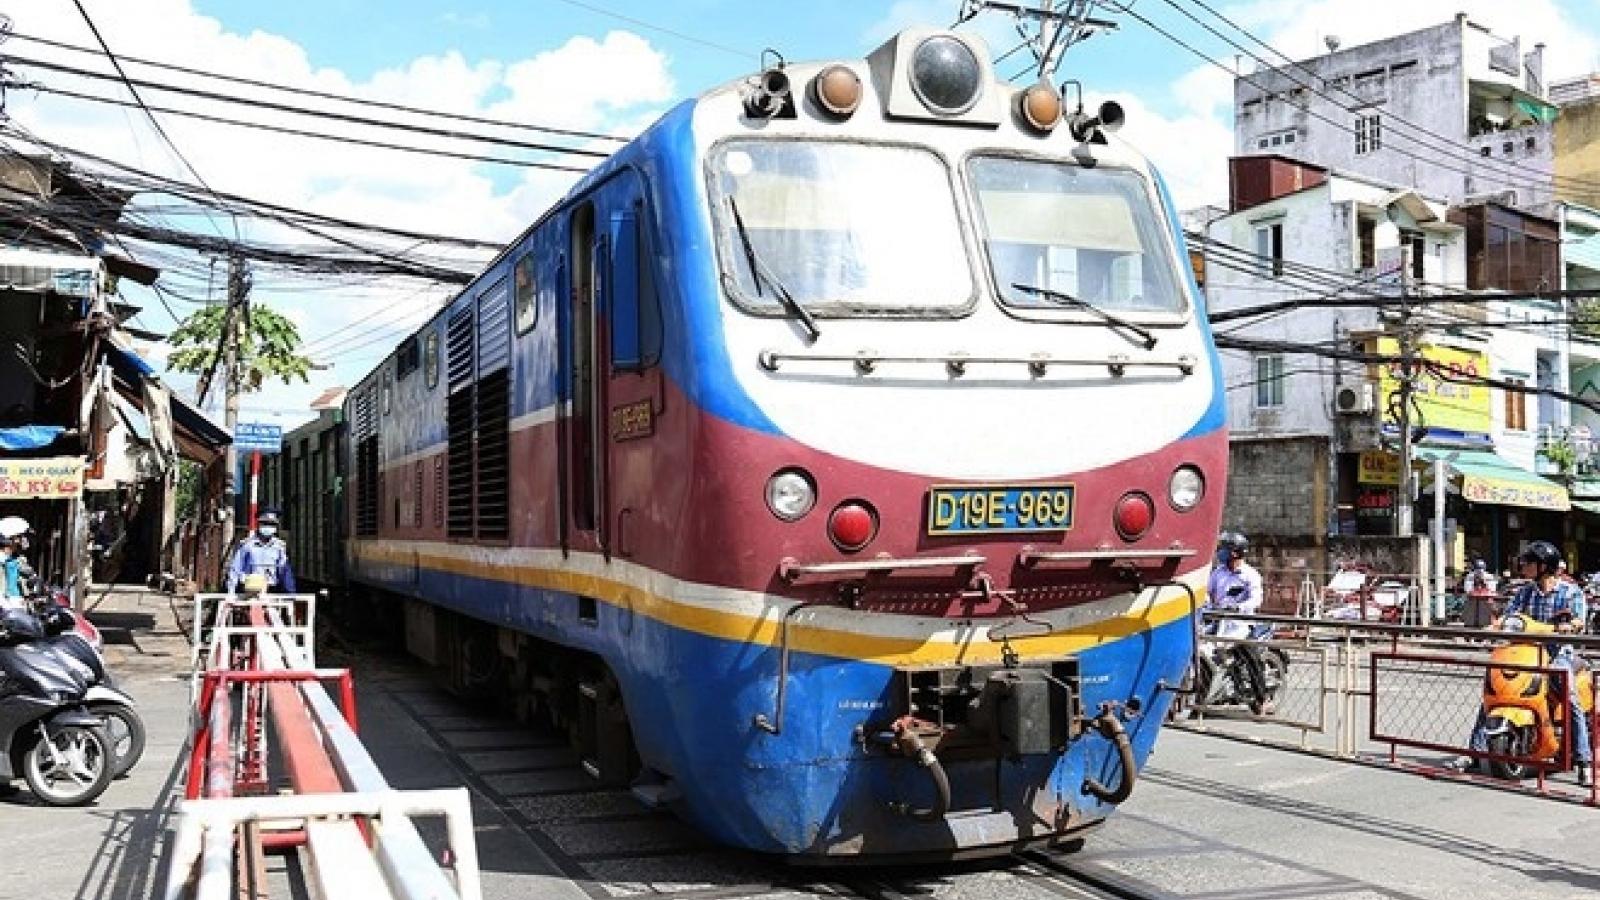 Đường sắt xin nhập 37 toa tàu cũ của Nhật Bản, tiết kiệm 1.110 tỷ đồng